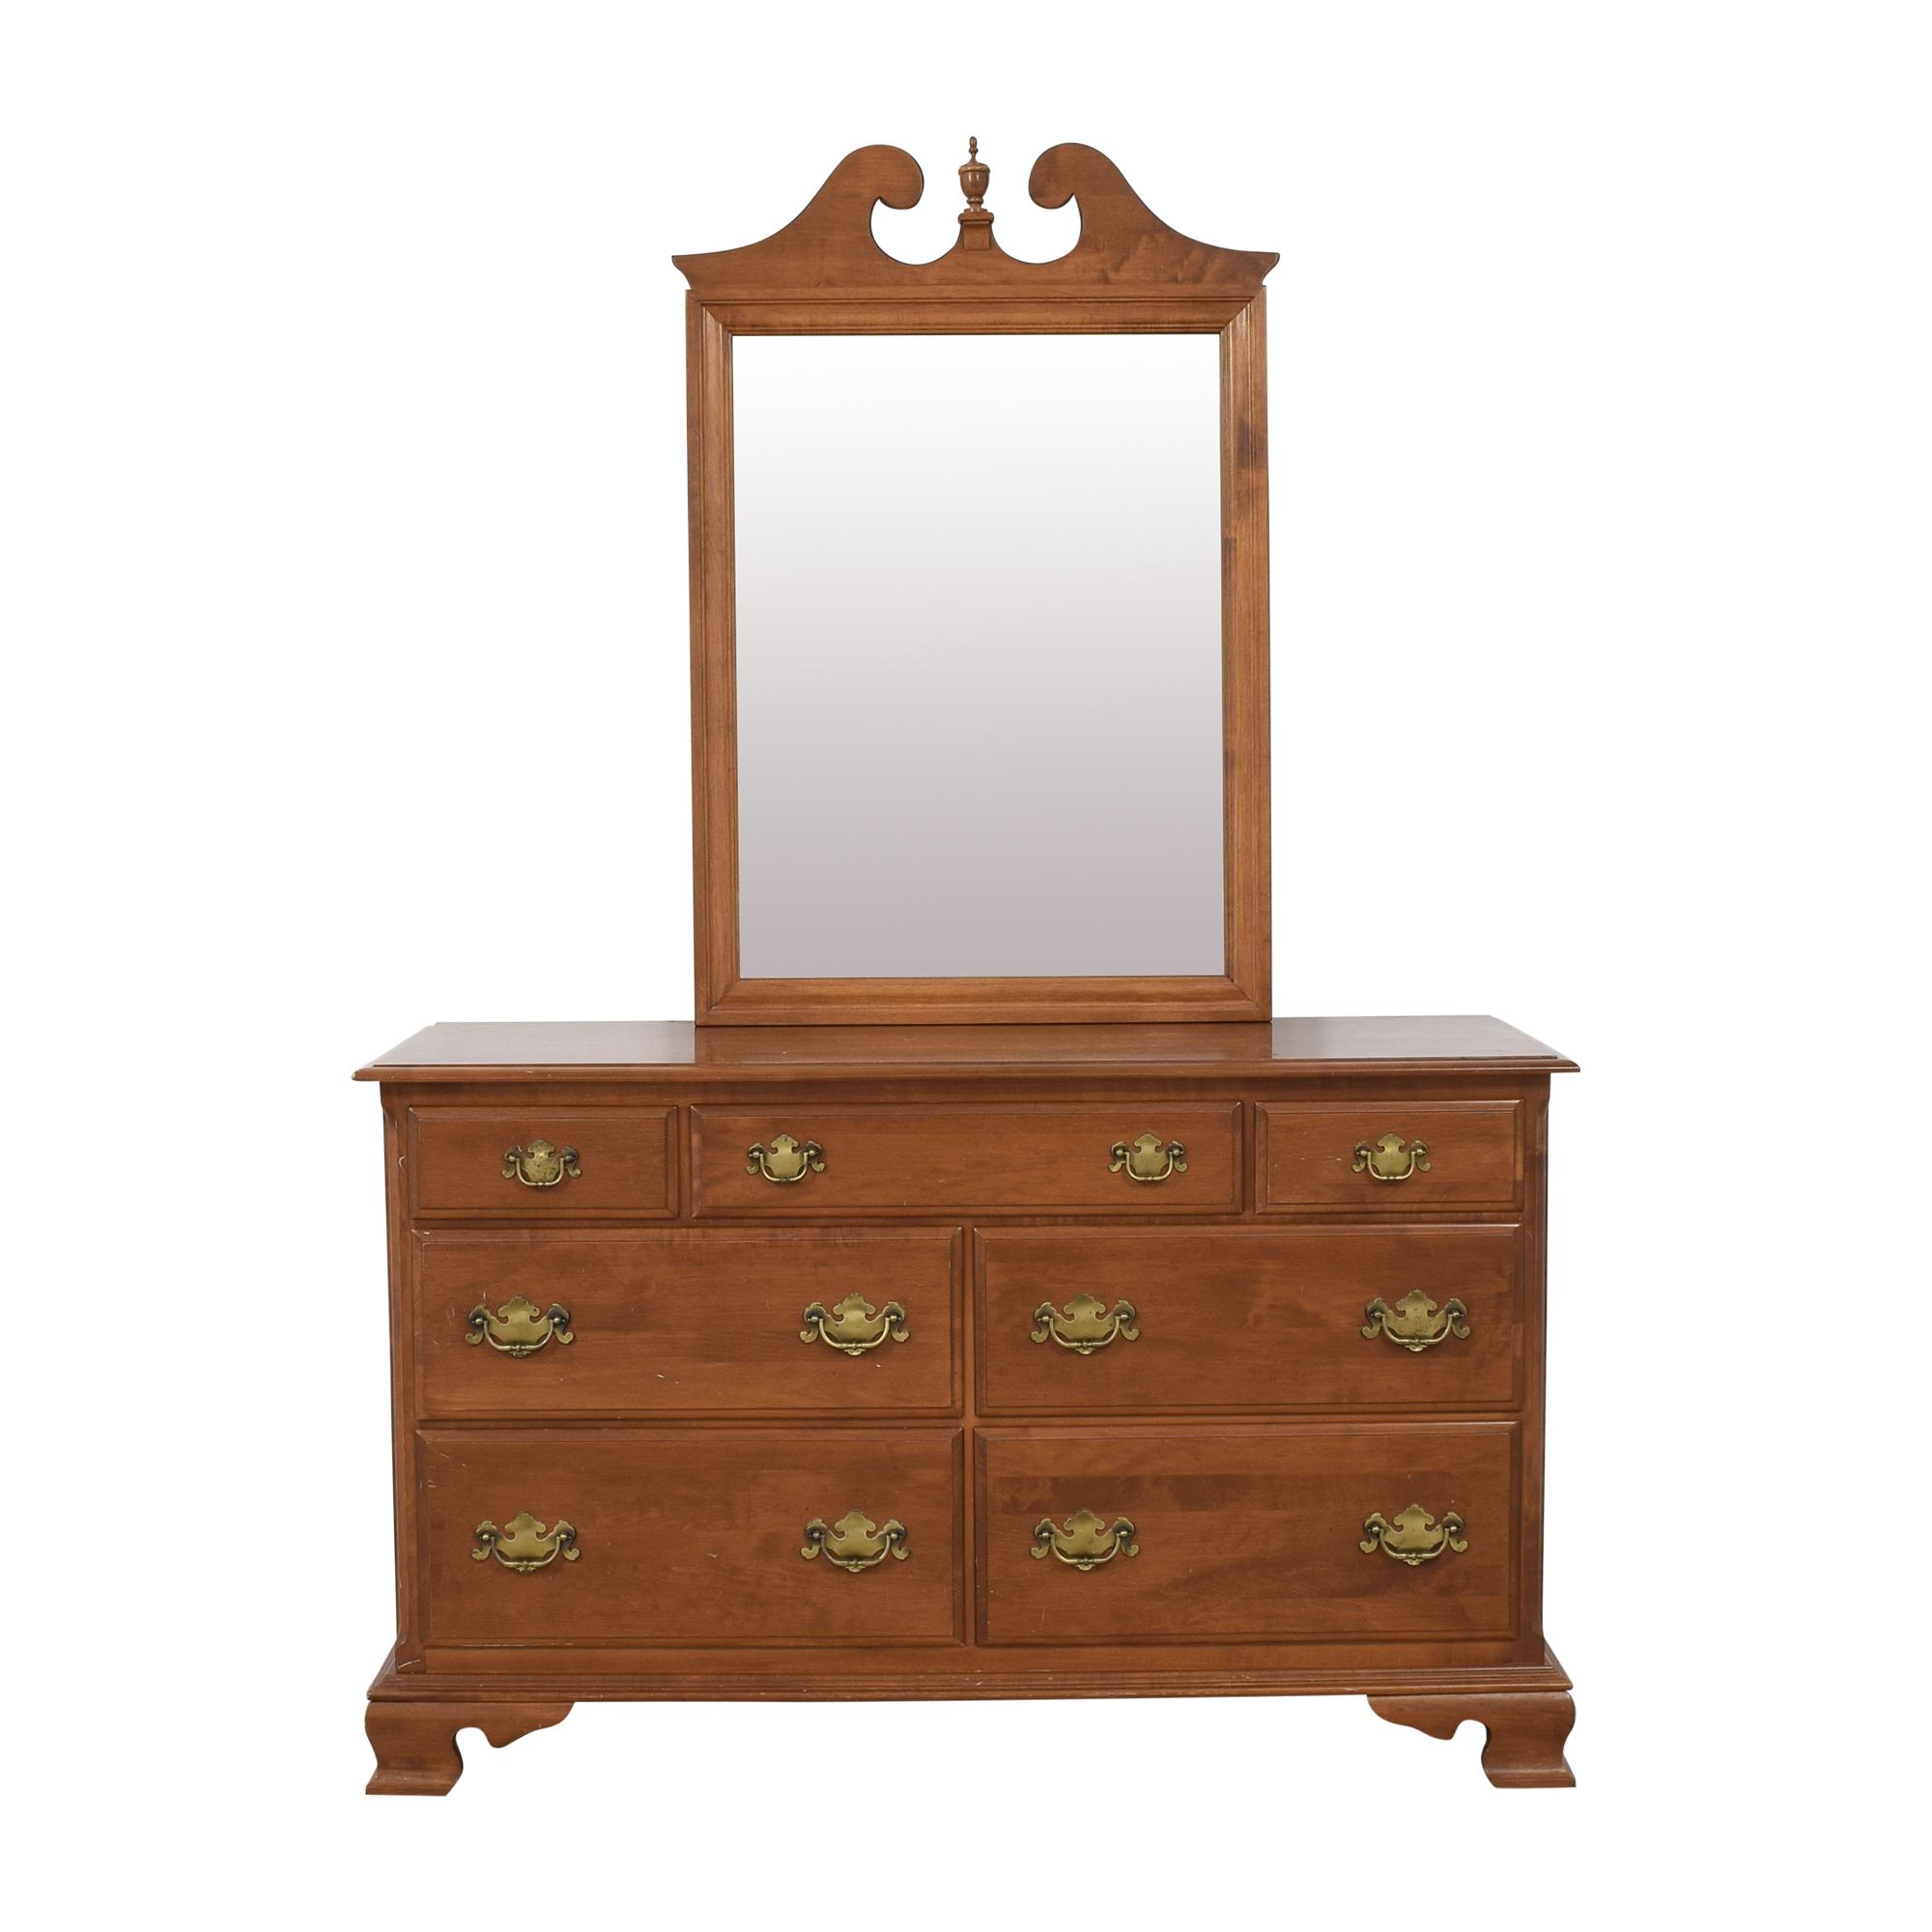 Ethan Allen Ethan Allen Seven Drawer Dresser with Mirror